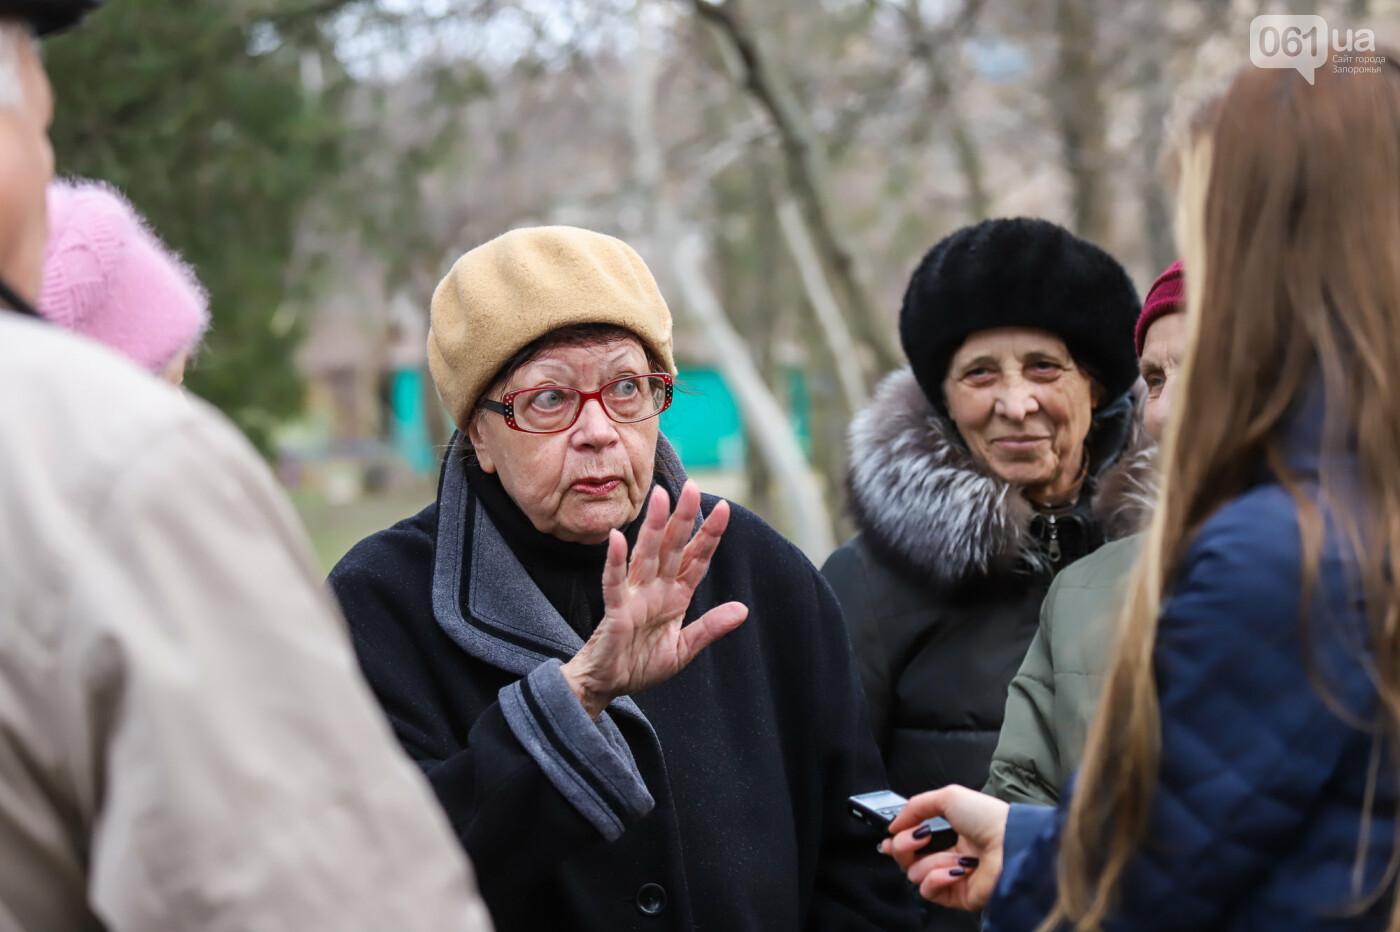 «В плену у заповедника»: как на Хортице живут люди без права на приватизацию жилья, - ФОТОРЕПОРТАЖ , фото-8